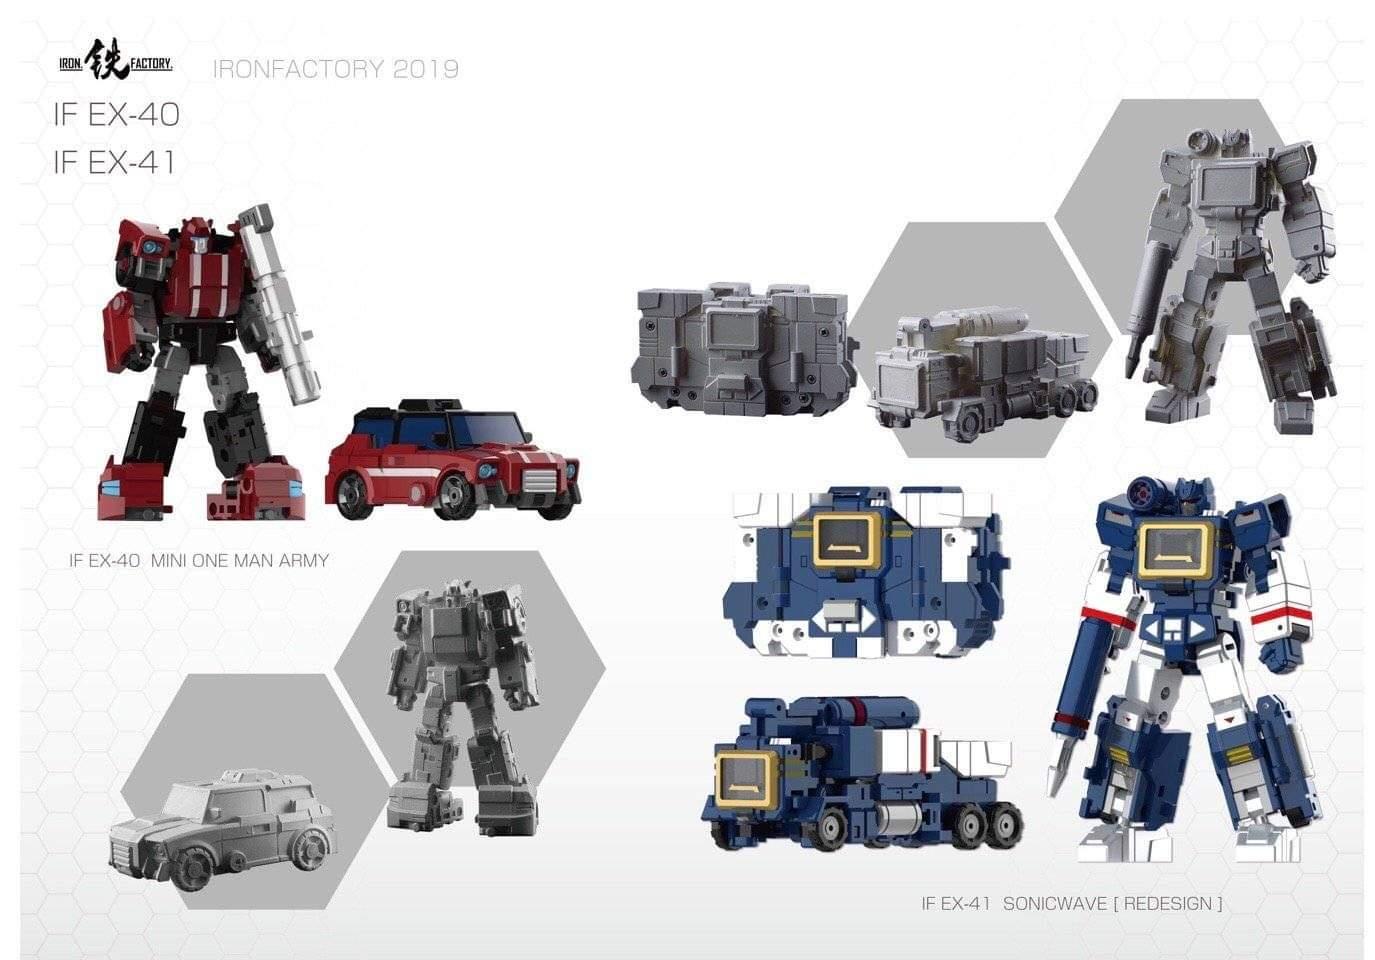 [Iron Factory] Produit Tiers - Jouets TF - de la Gamme IF-EX - des BD TF d'IDW - Page 13 OP09Ziqt_o